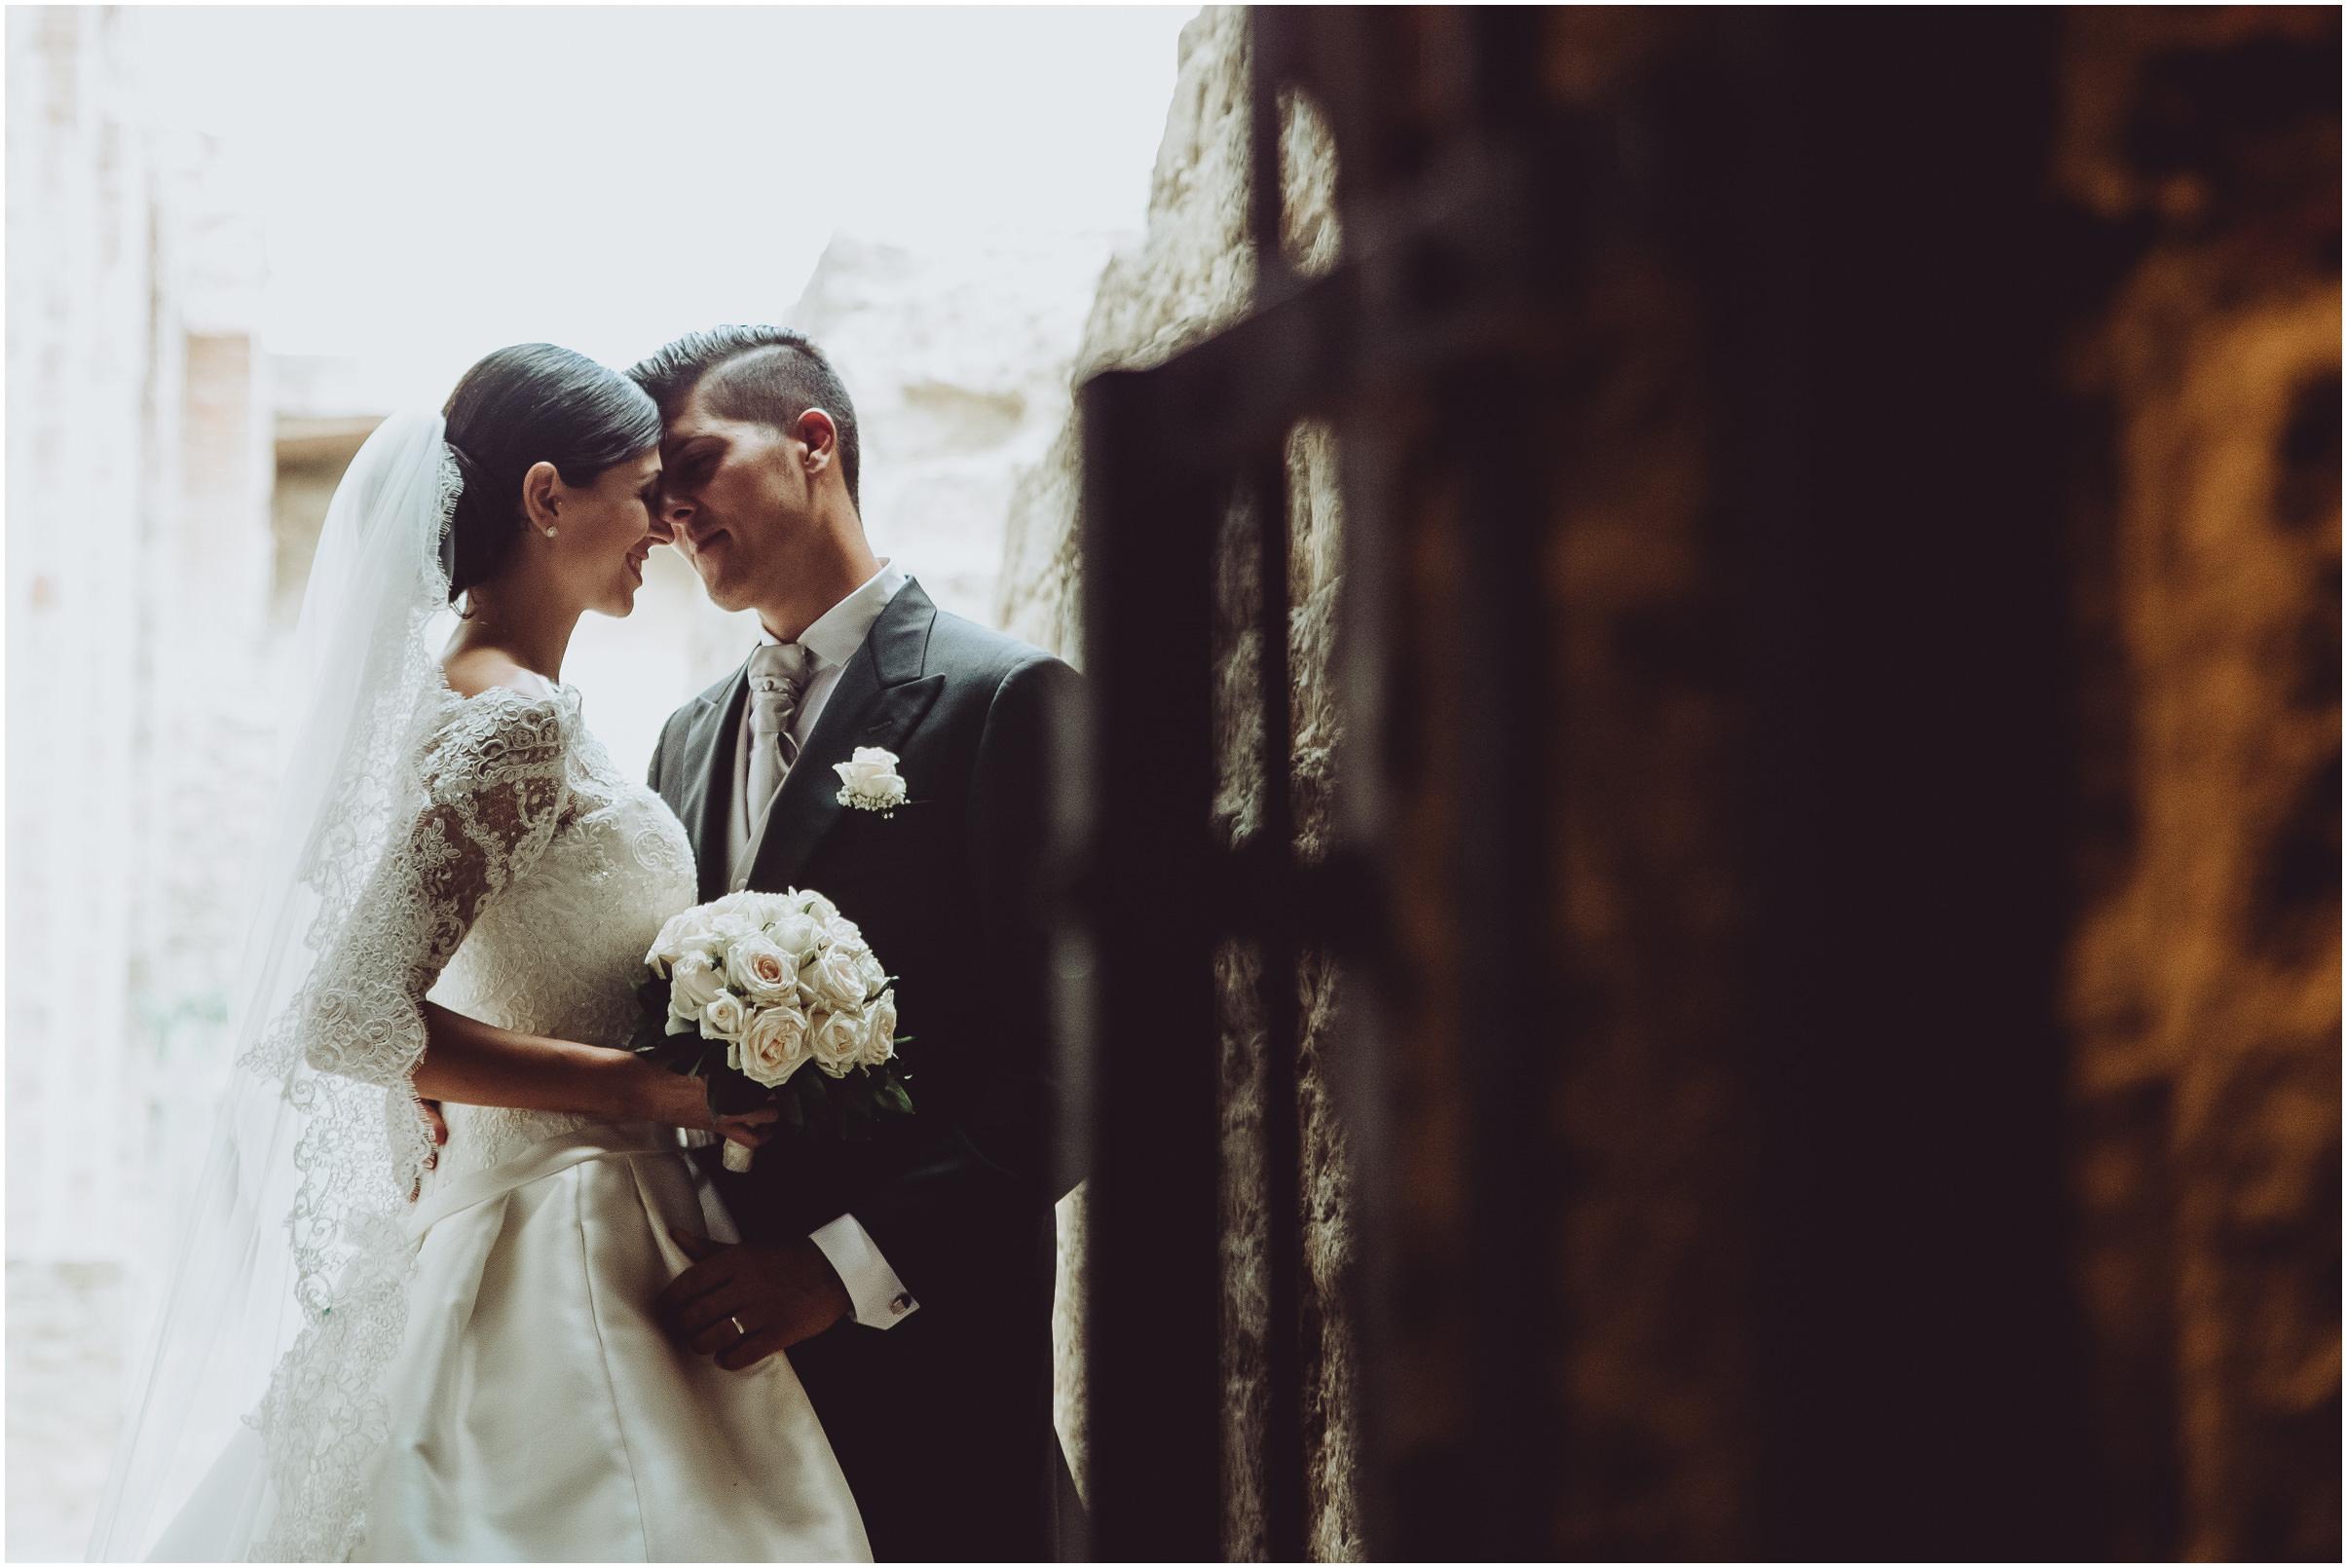 WEDDING-PHOTOGRAPHY-SARA-LORENZONI-FOTOGRAFIA-MATRIMONIO-AREZZO-TUSCANY-EVENTO-LE-SPOSE-DI-GIANNI-ELISA-LUCA037